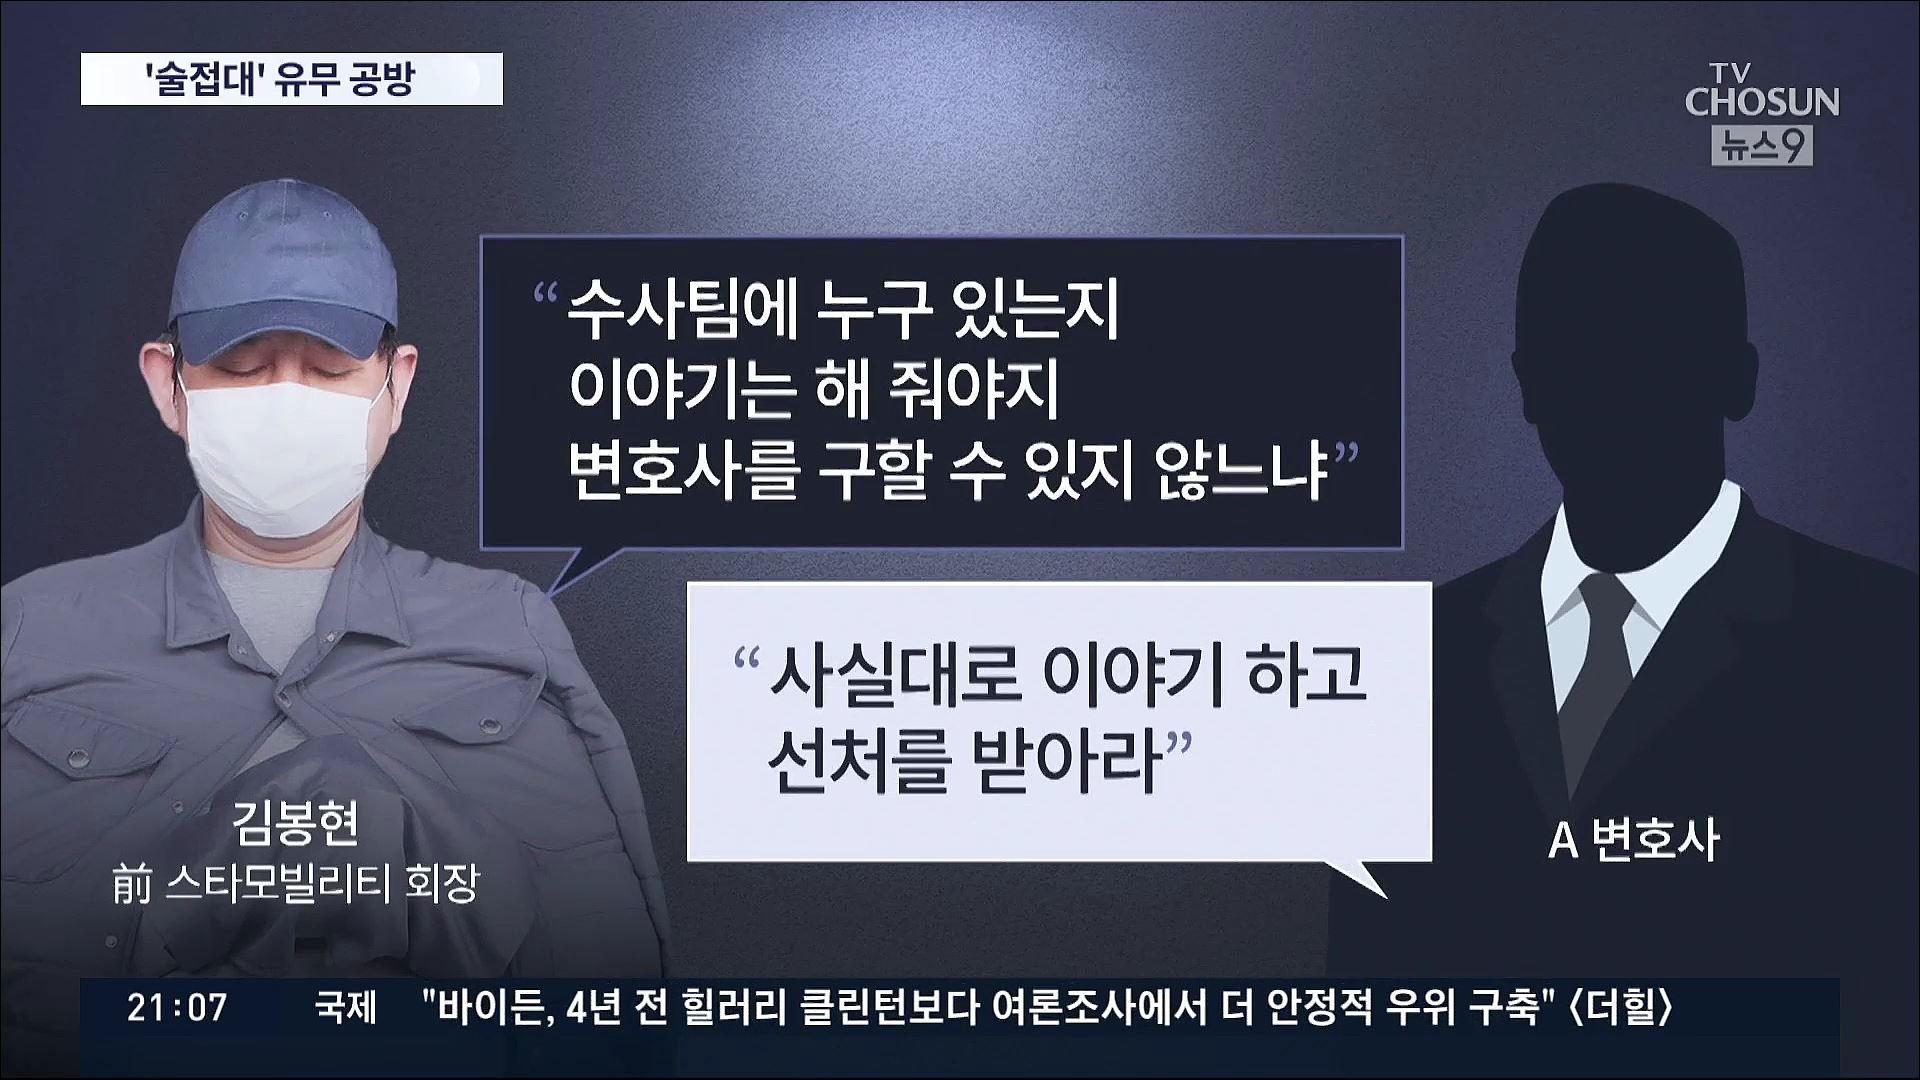 김봉현이 지목한 A변호사 '술접대 없었다, 날짜 특정 못할것'